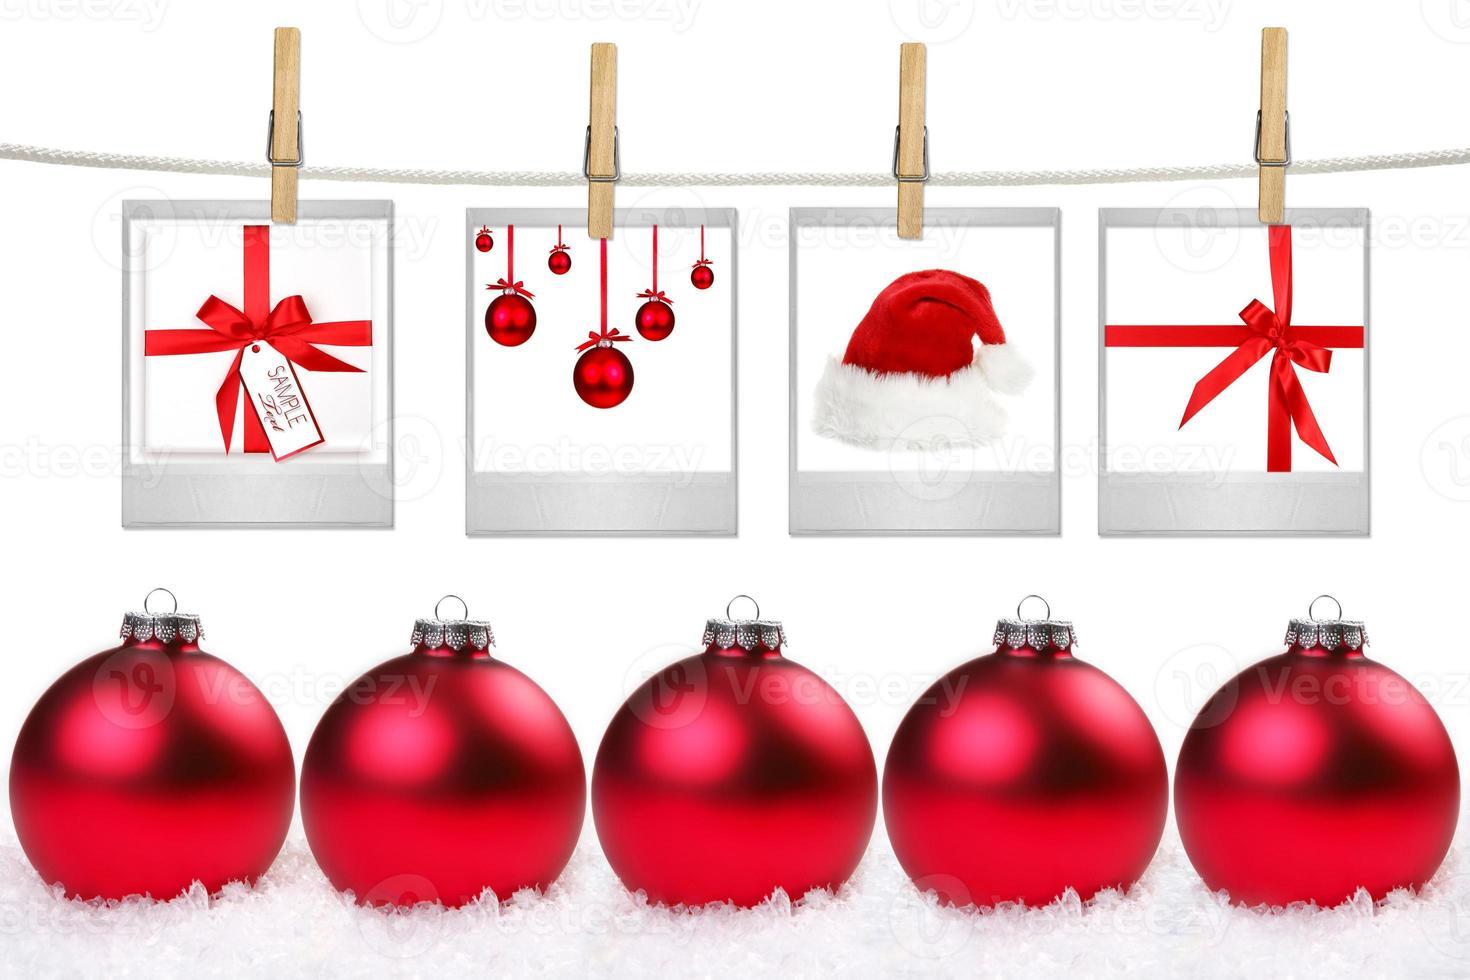 spazi vuoti di film con immagini di oggetti a tema natalizio foto